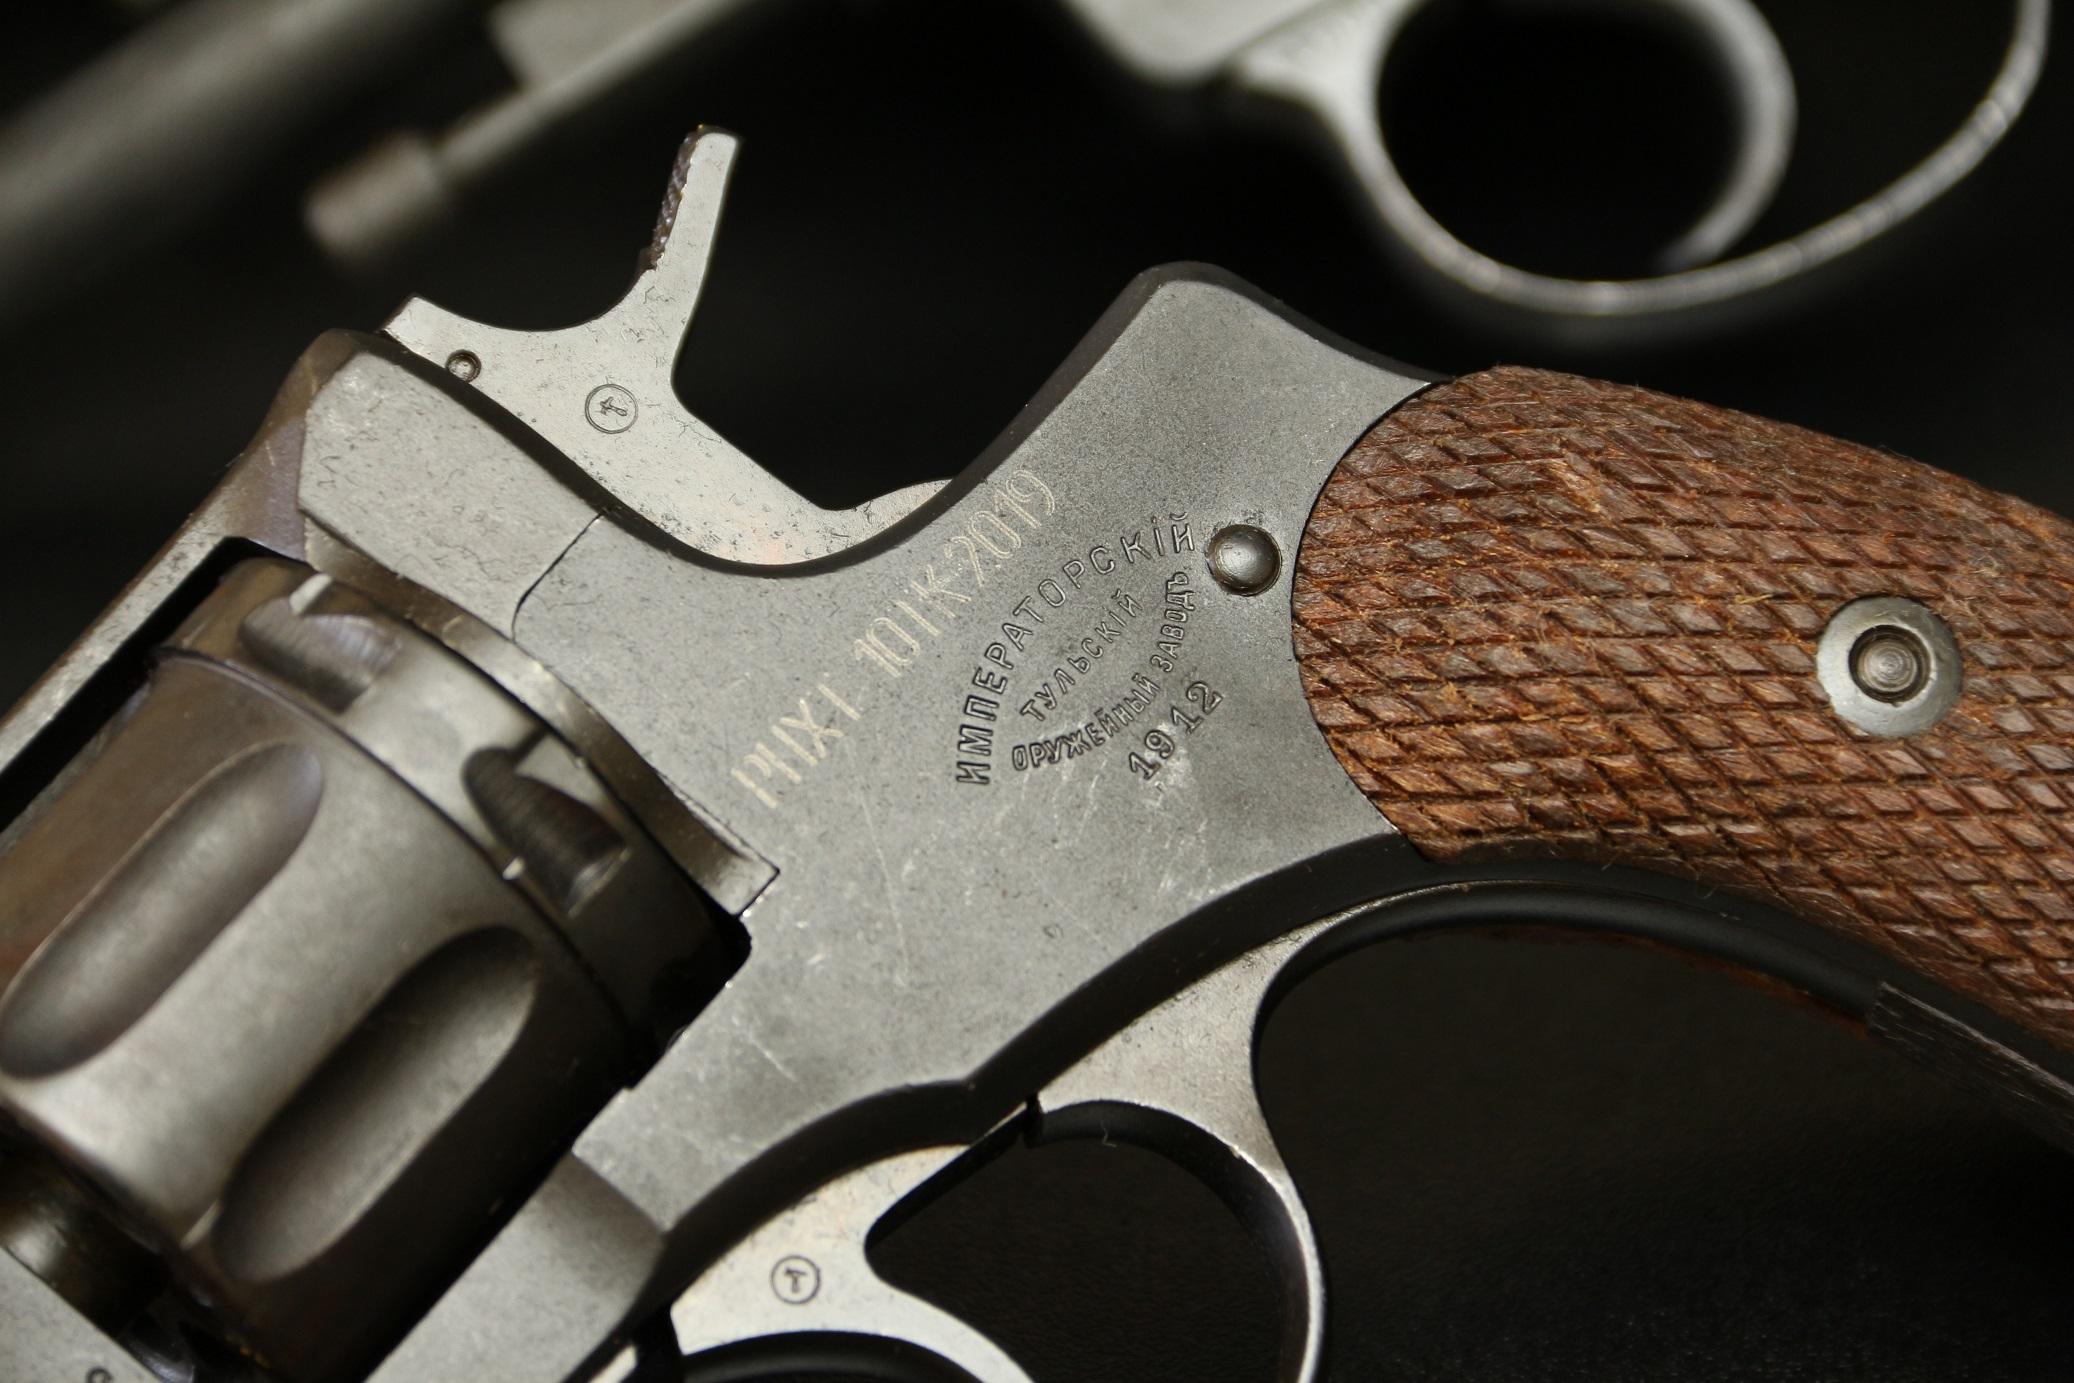 Фото Охолощенный револьвер Наган 1912 года №8173, царский